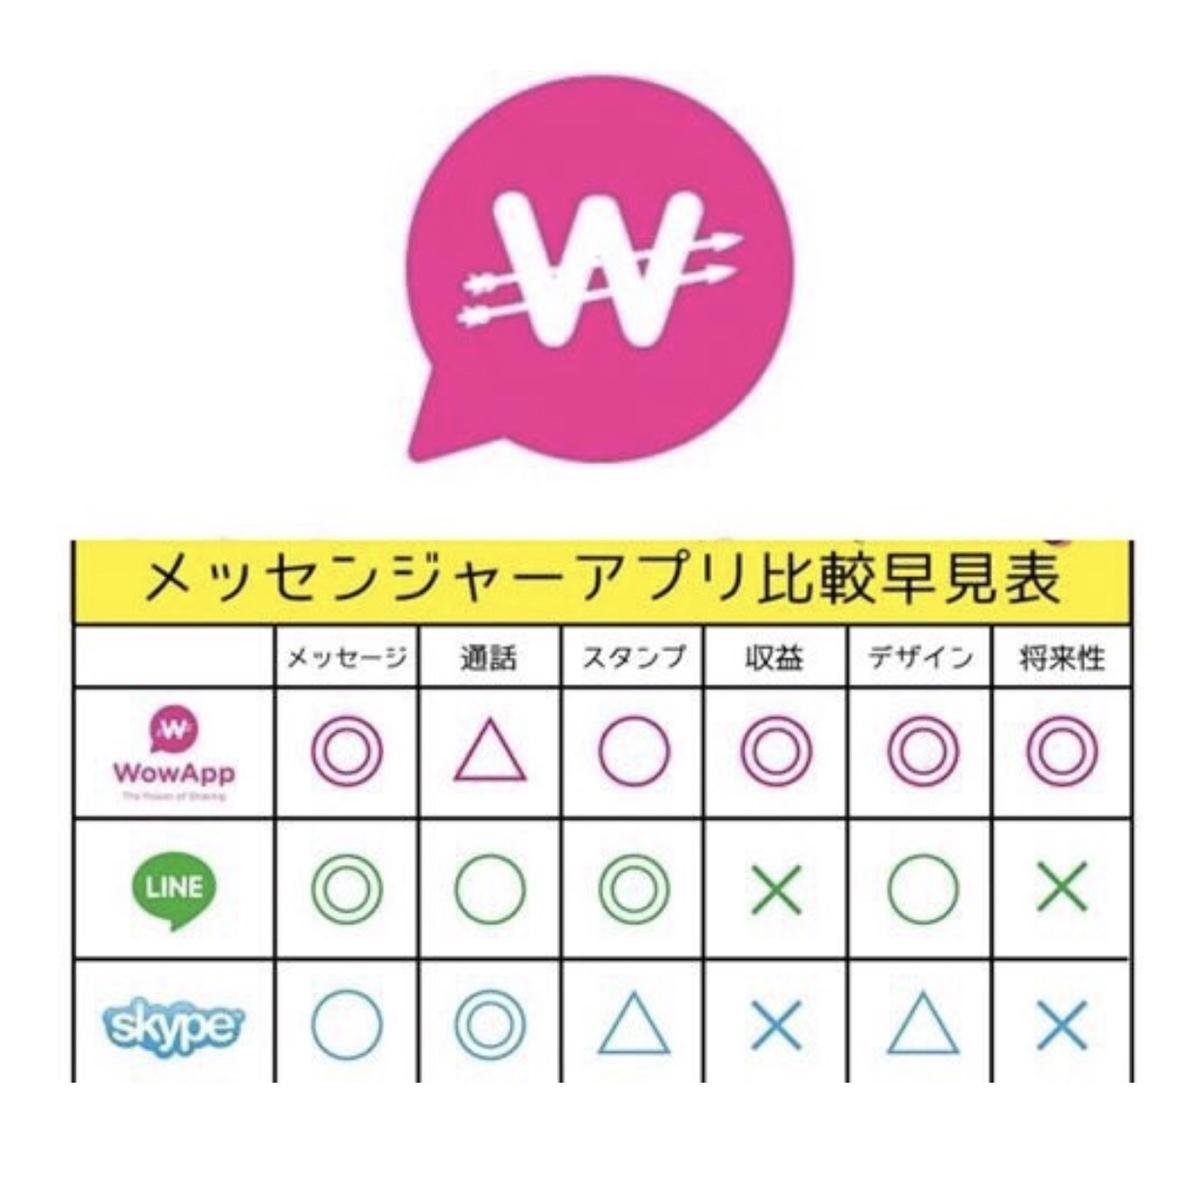 f:id:kaoruikeda:20200721075642j:plain